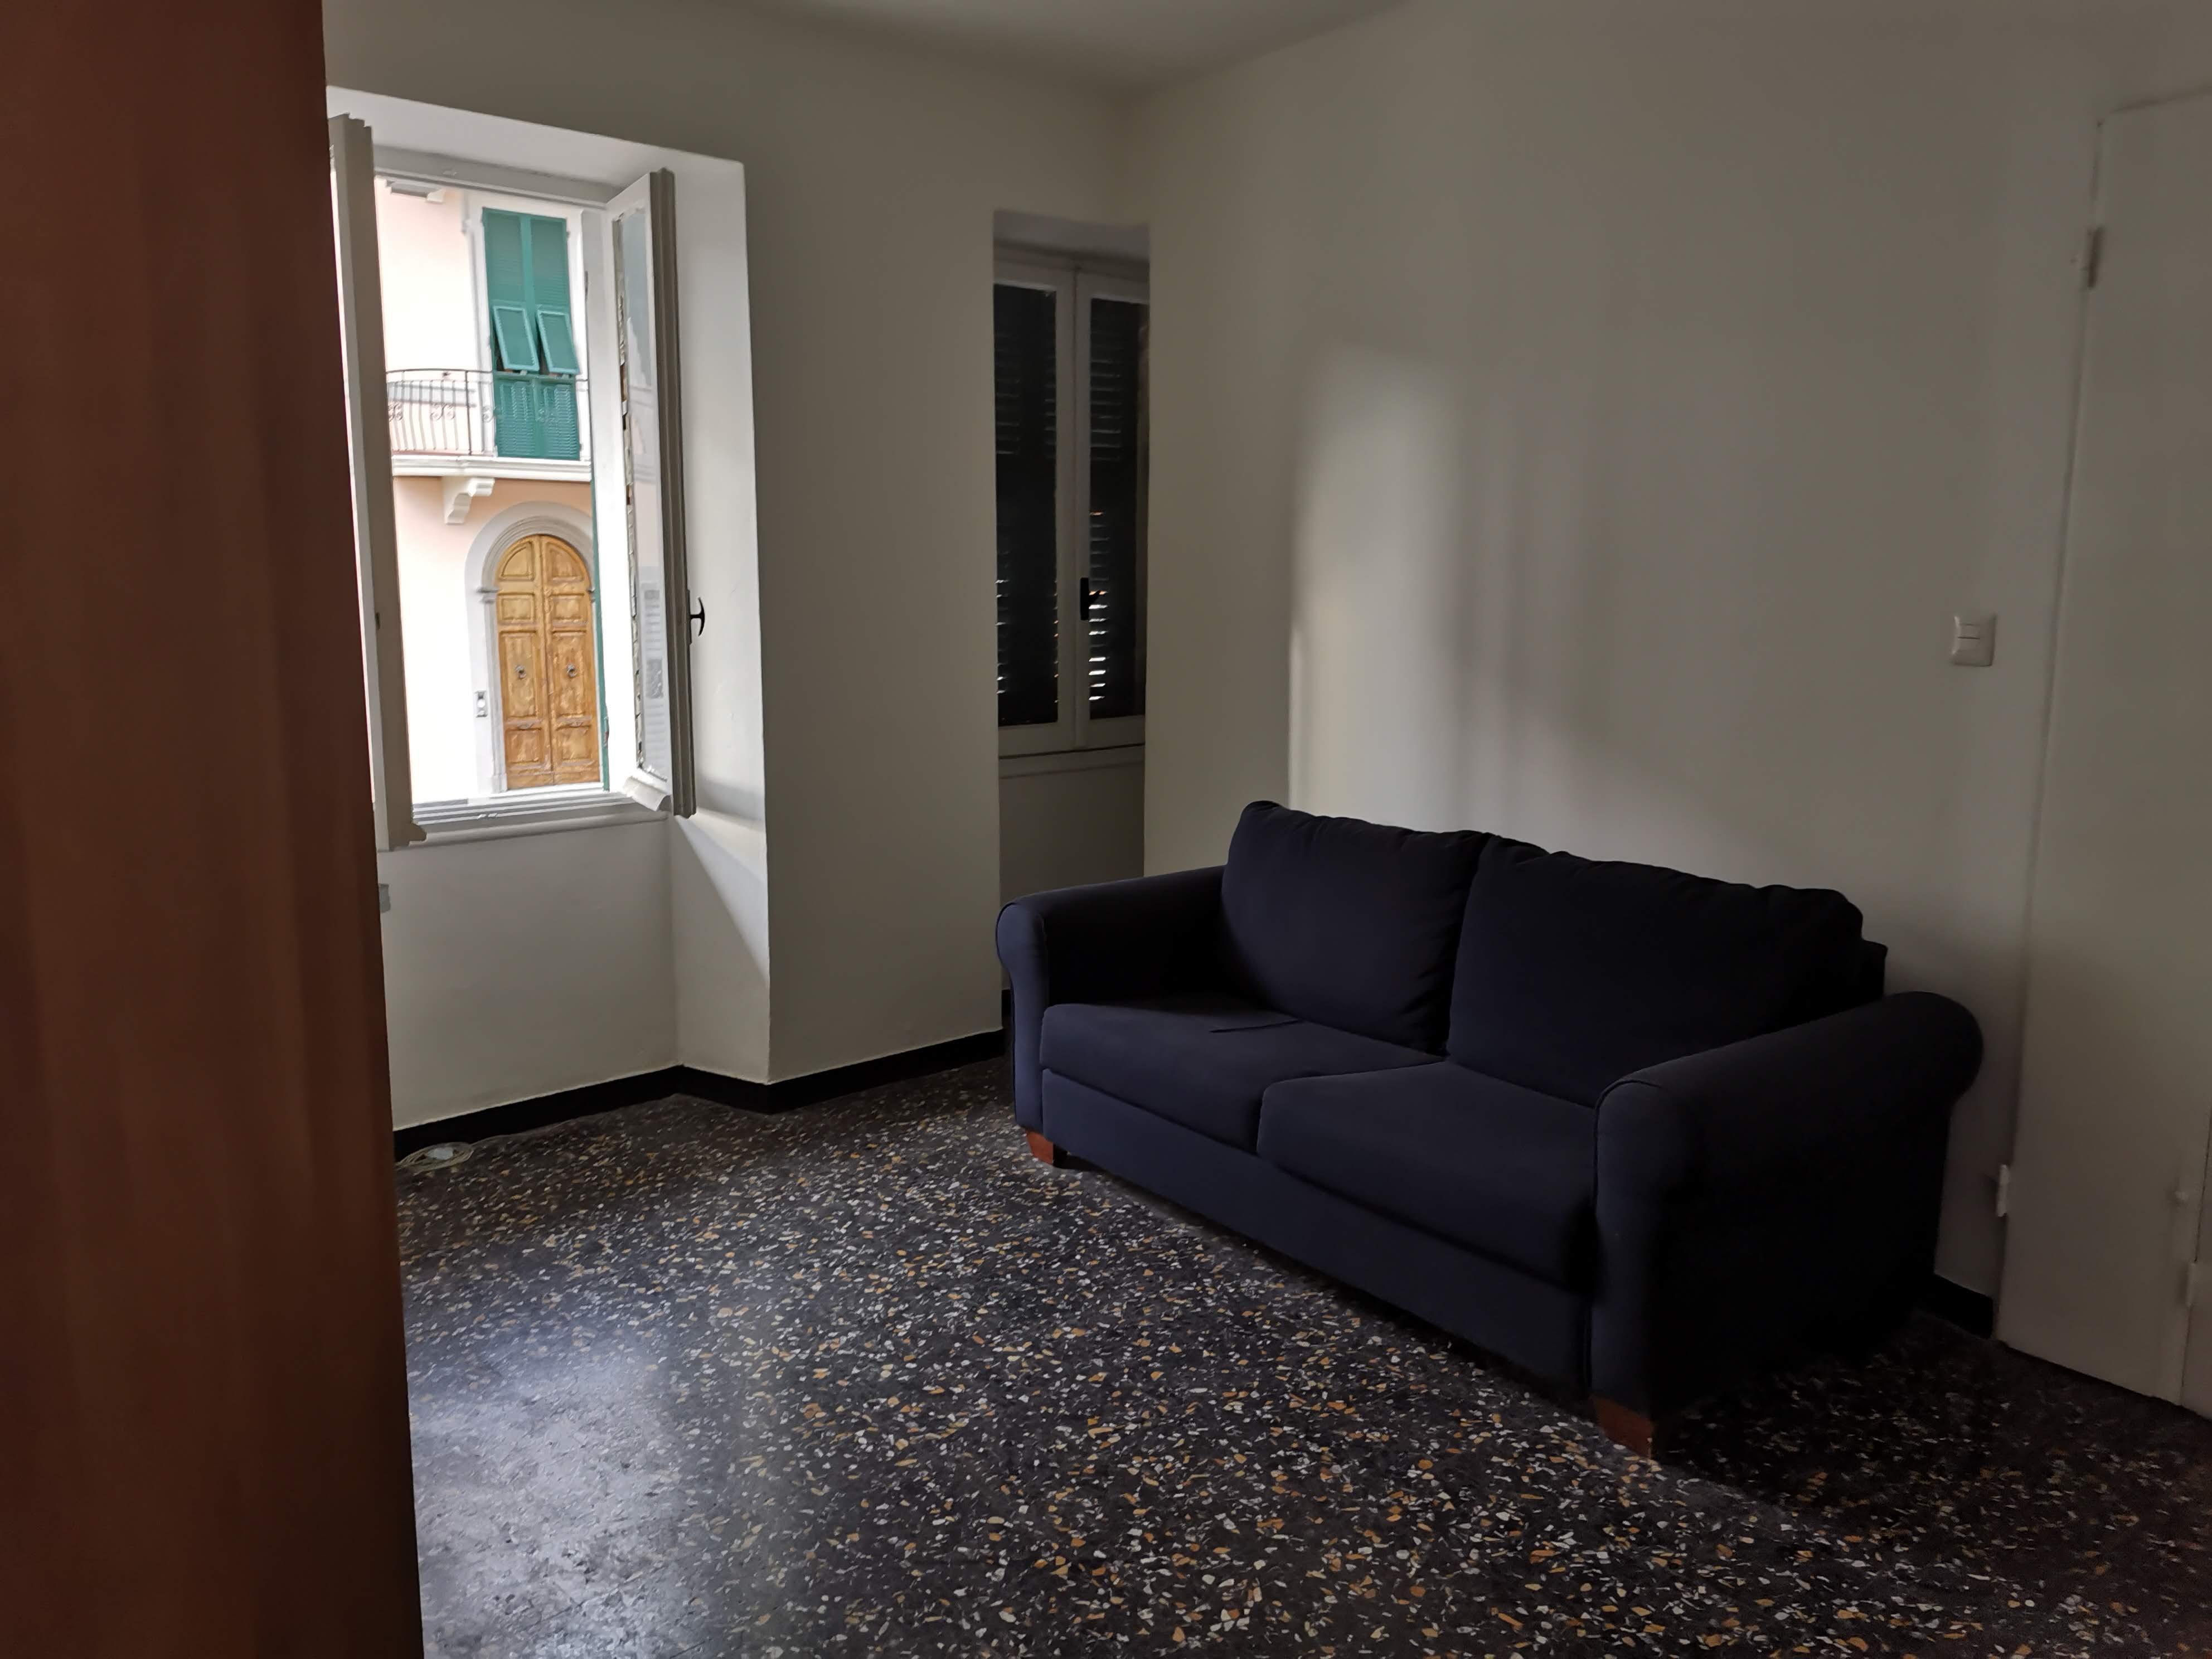 Appartamento da ristrutturare, Casarza Ligure centro